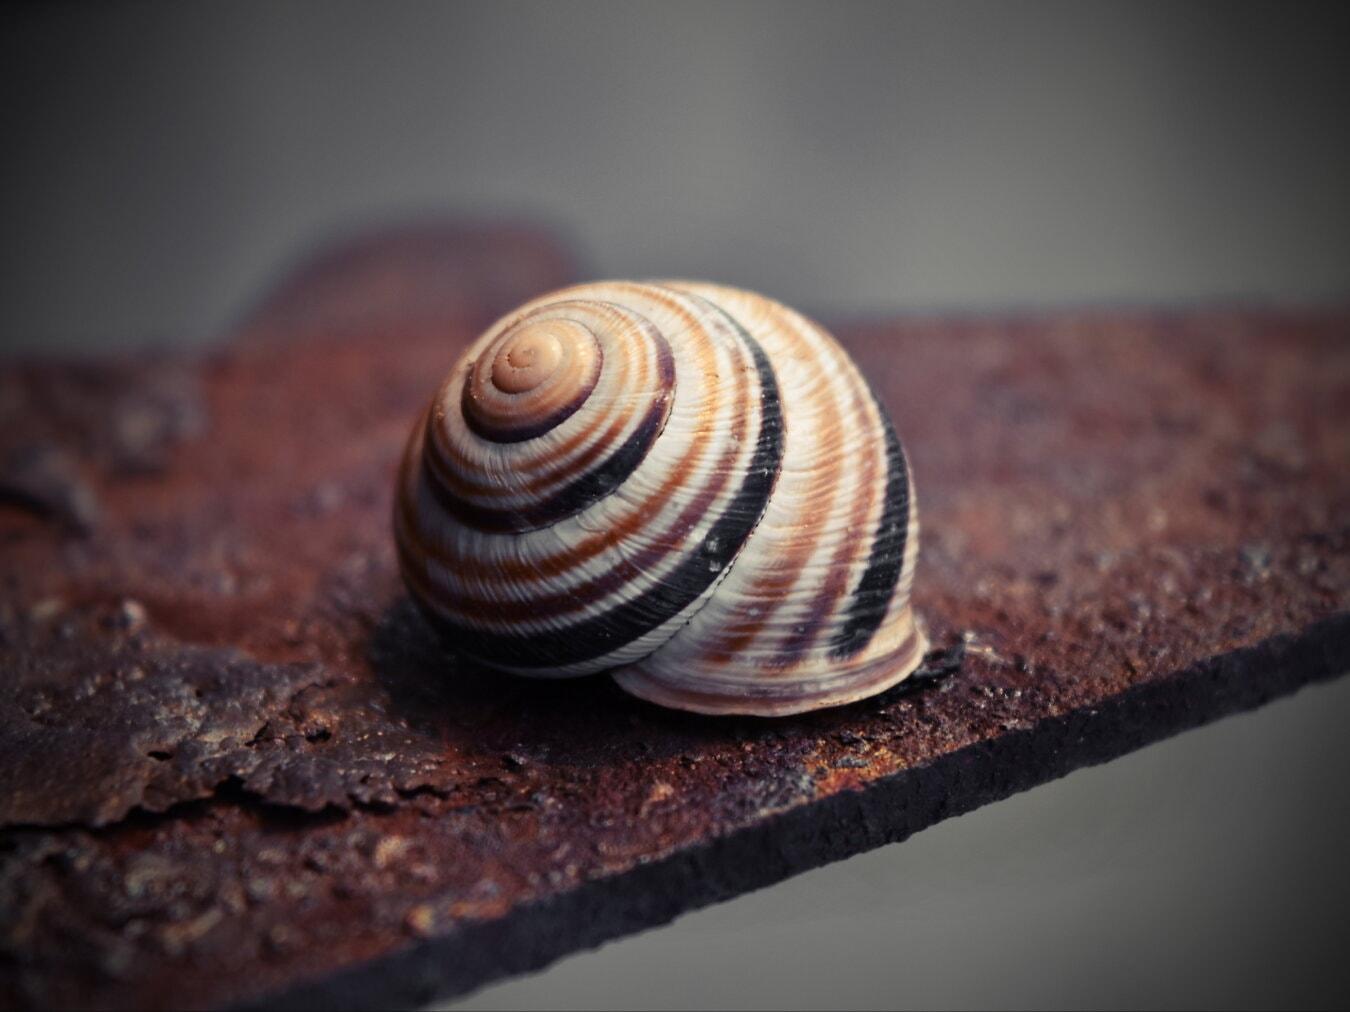 coajă, melc, spirala, până aproape, maro deschis, nevertebrat, gasteropod, animale, natura, premier-plan